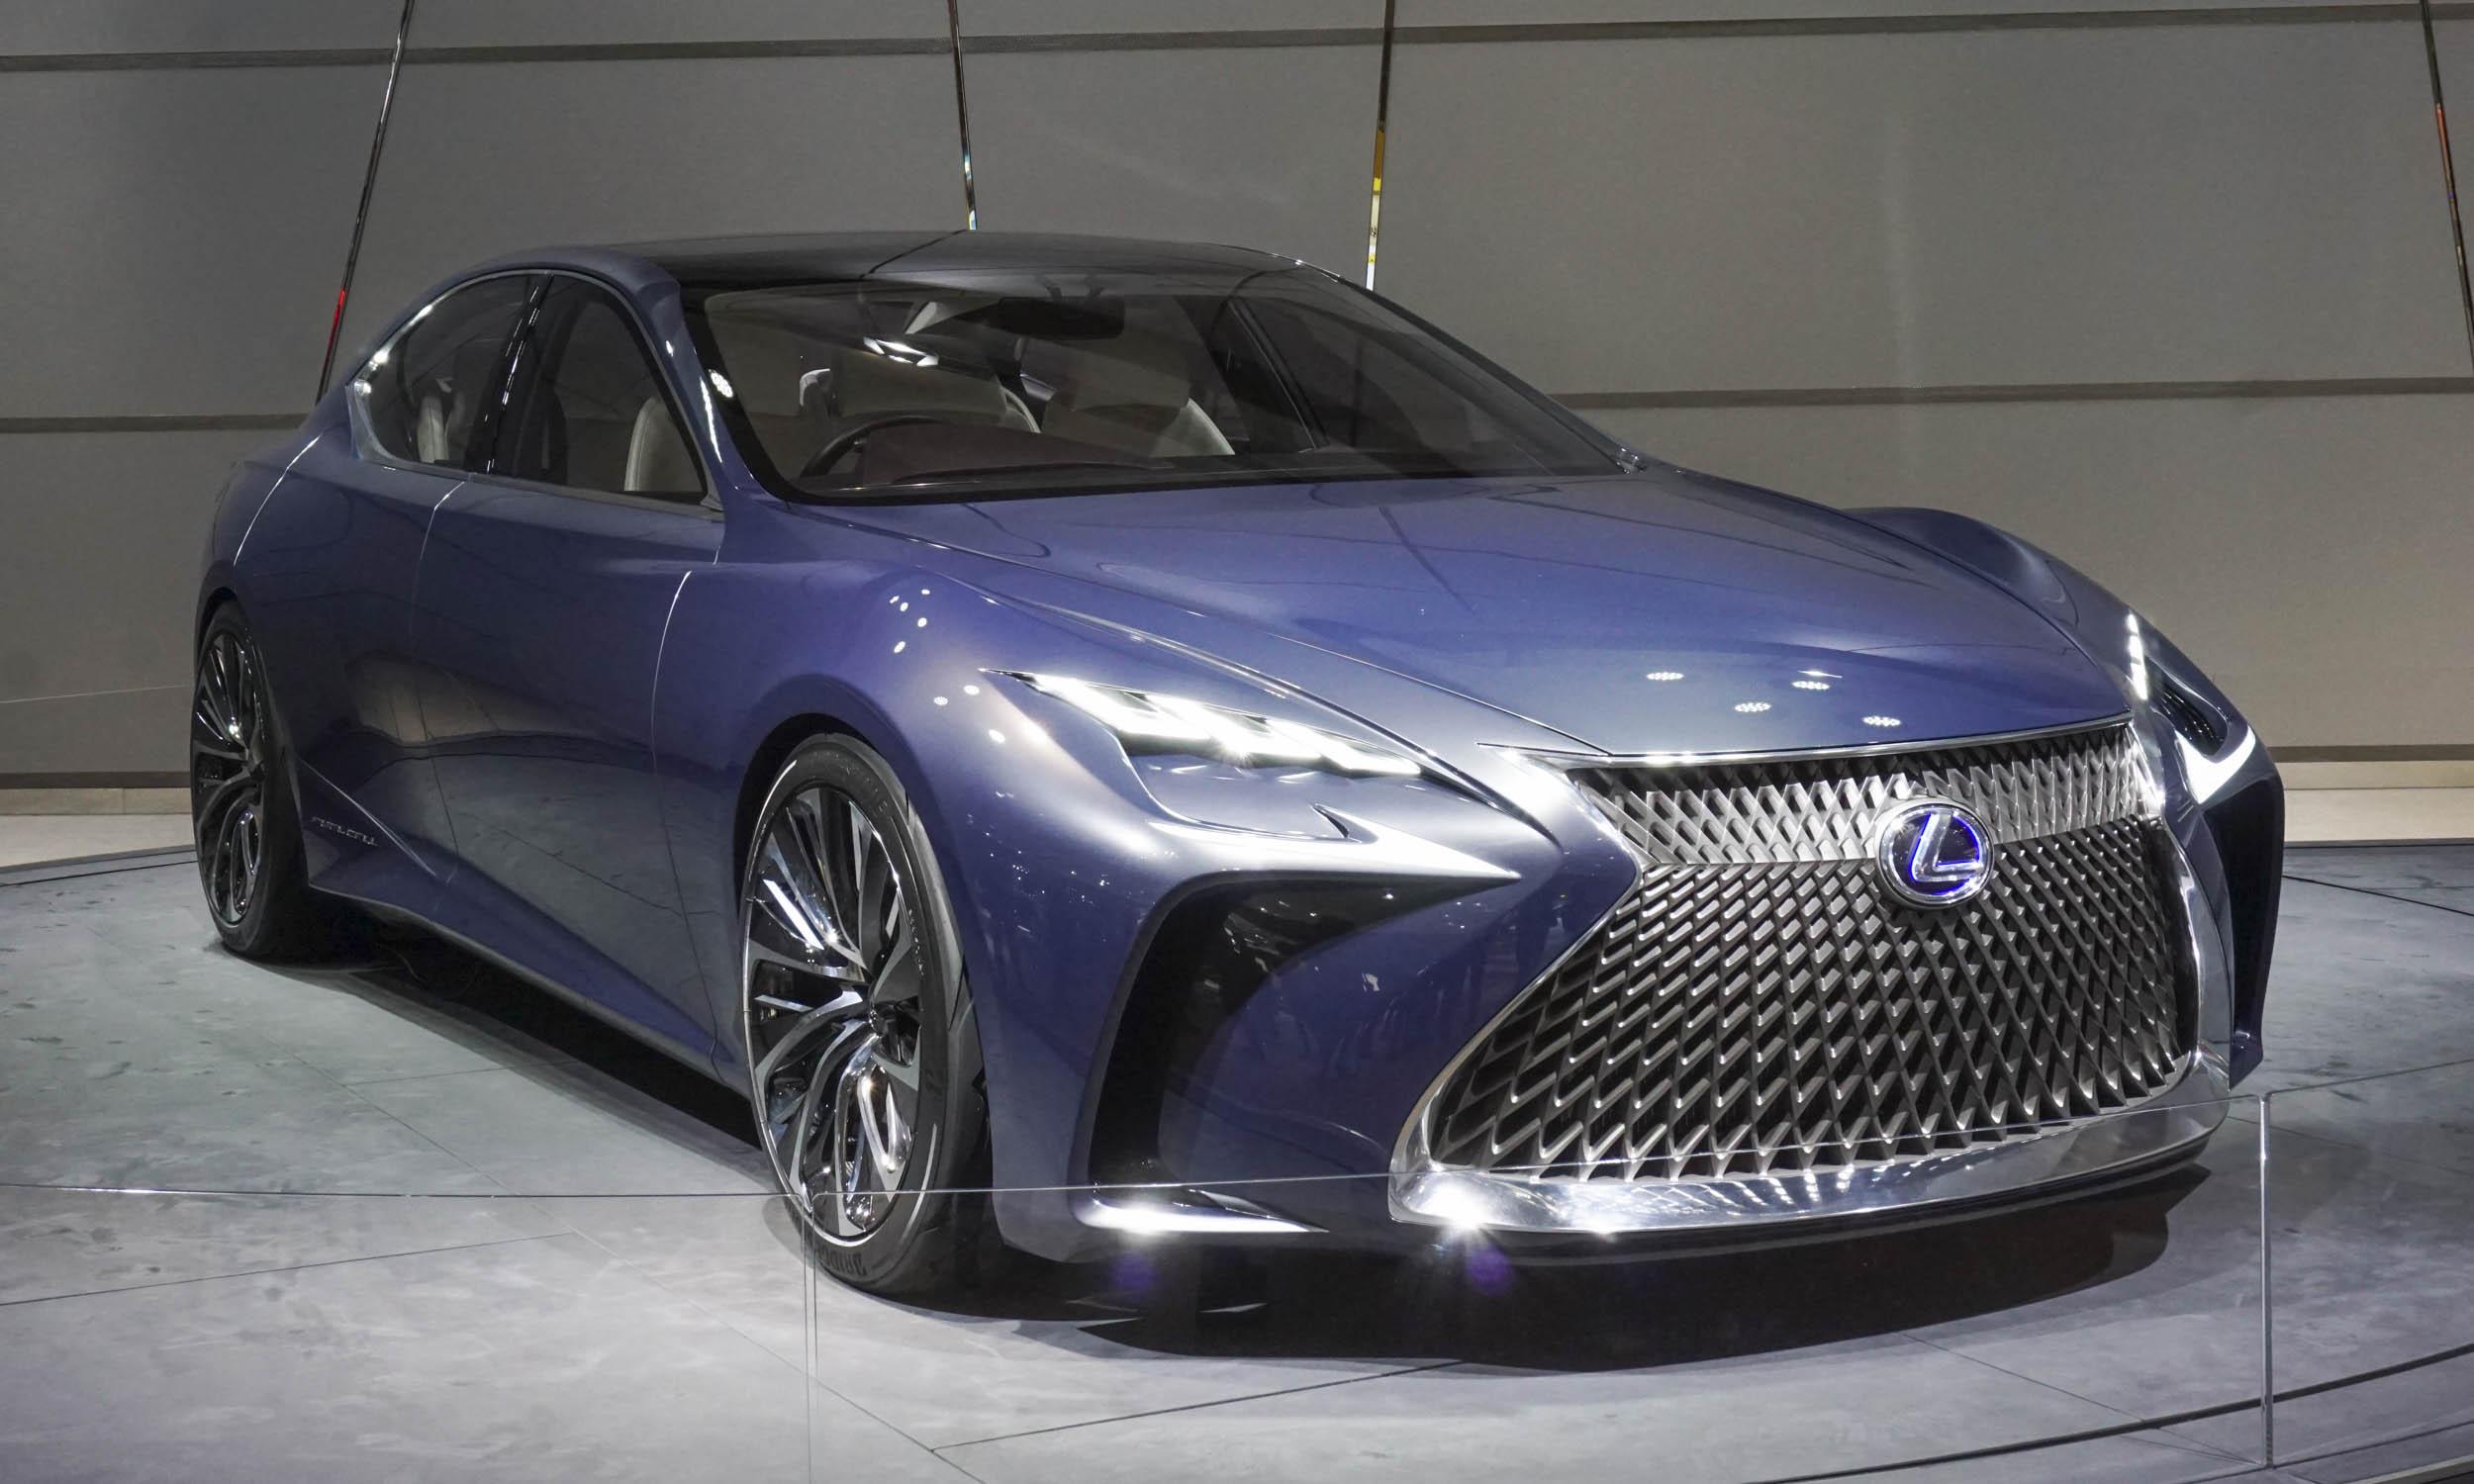 http://autocontentexp.com/wp-content/uploads/2015/10/Lexus-LF-FC-Concept1.jpg